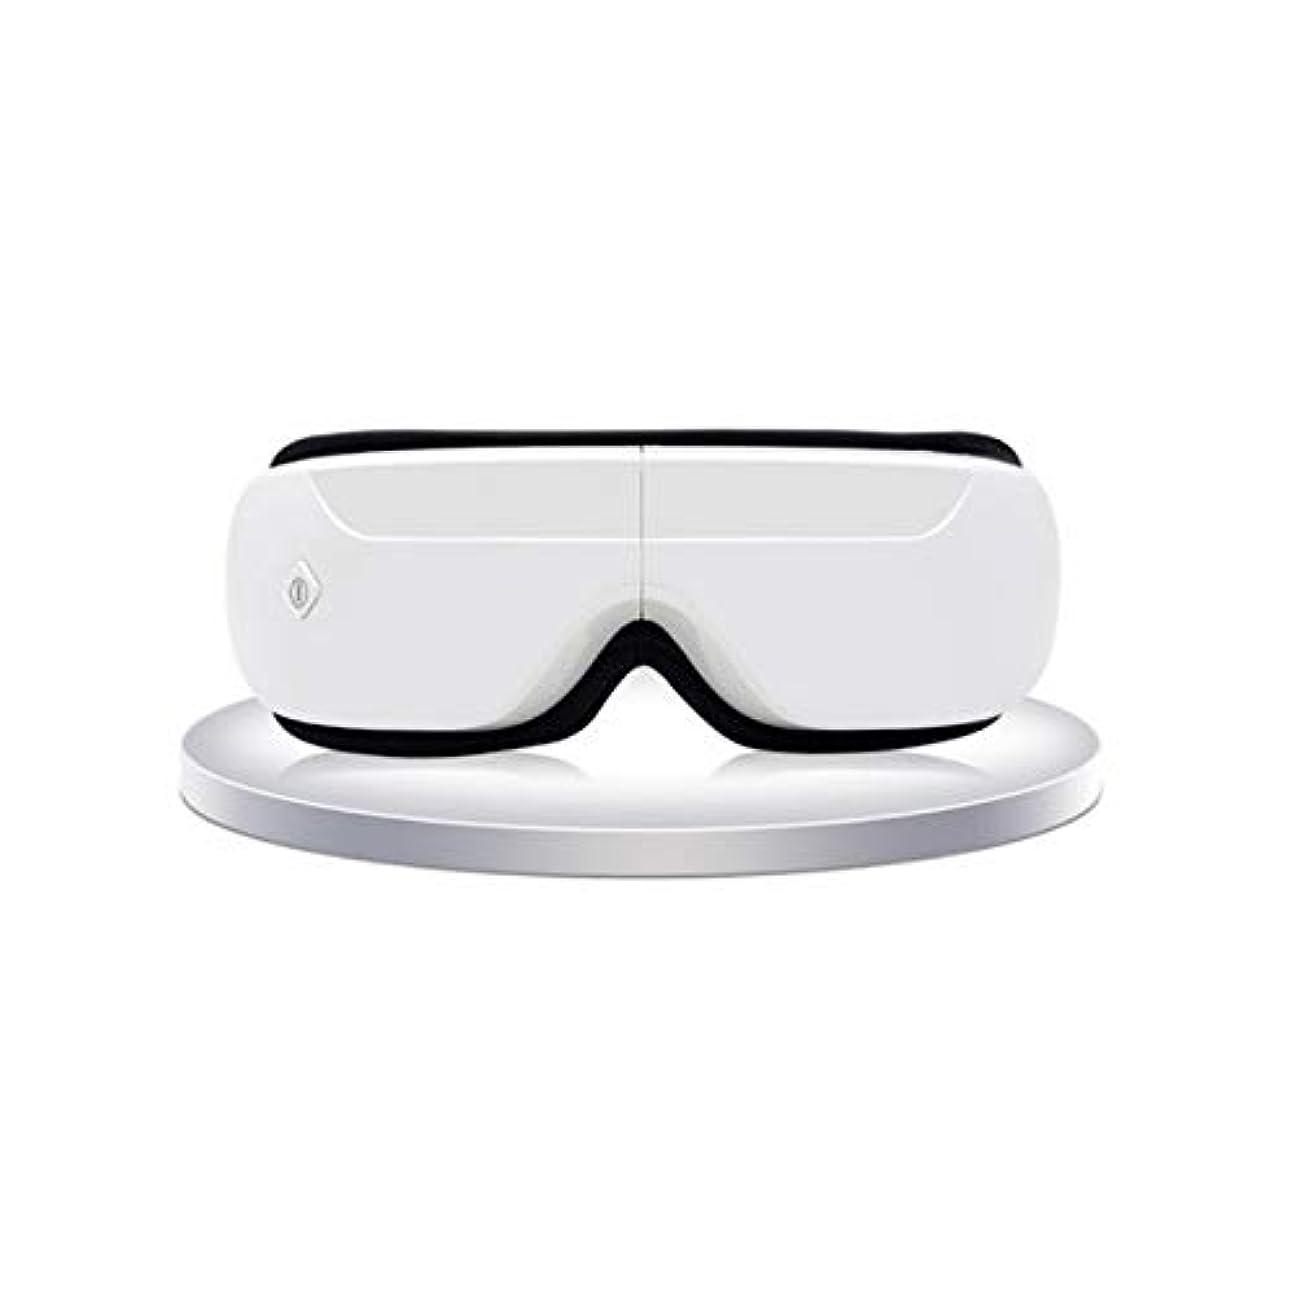 うぬぼれたキュービックアスレチックマッサージ器 - 熱を緩和するアイケア機器アイマスク疲労マッサージ器 (Color : White)